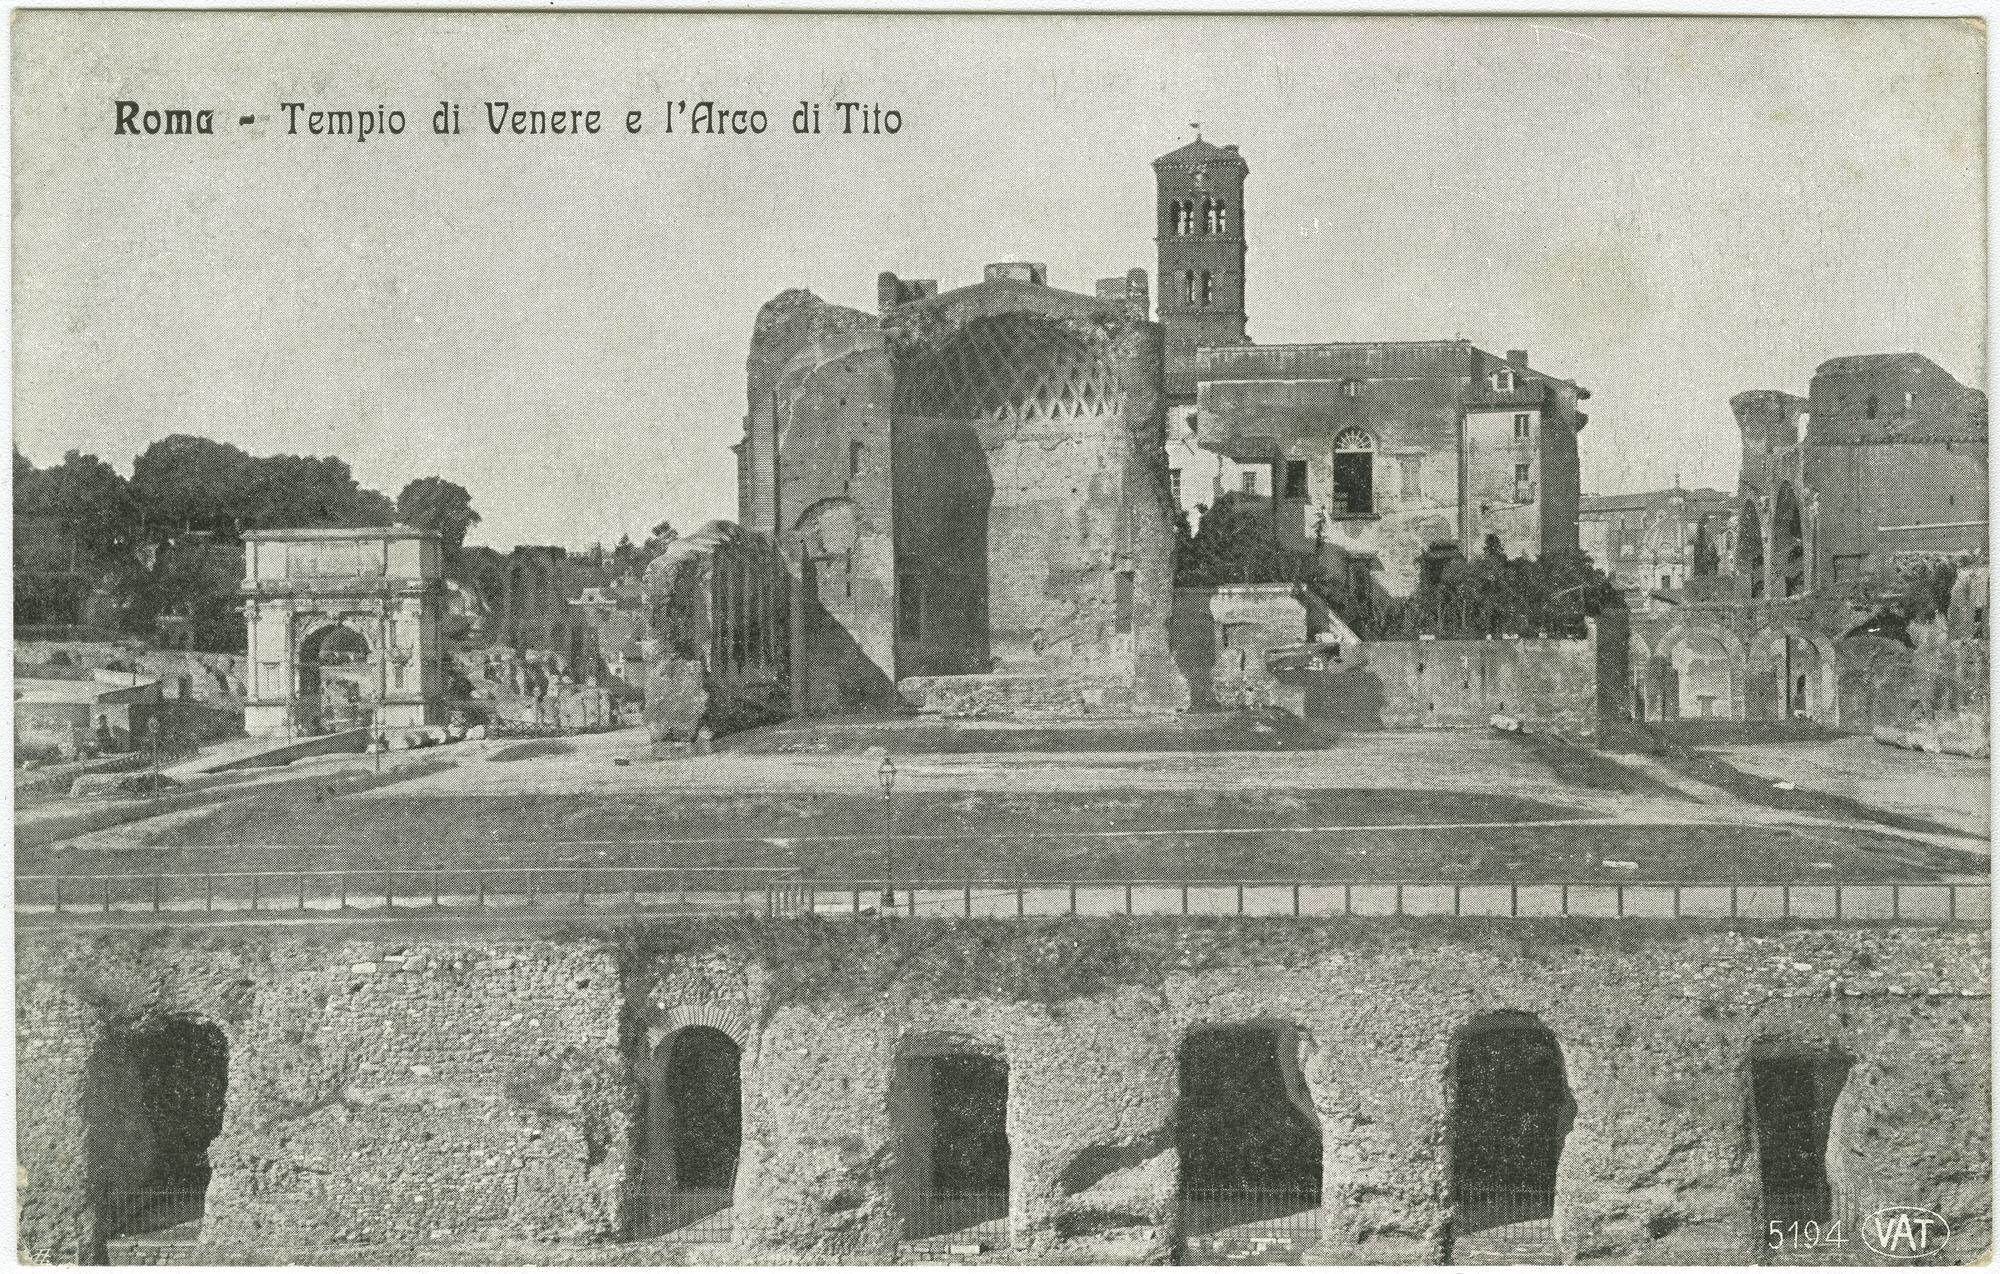 Roma - Tempio di Venere e l'Arco di Tito